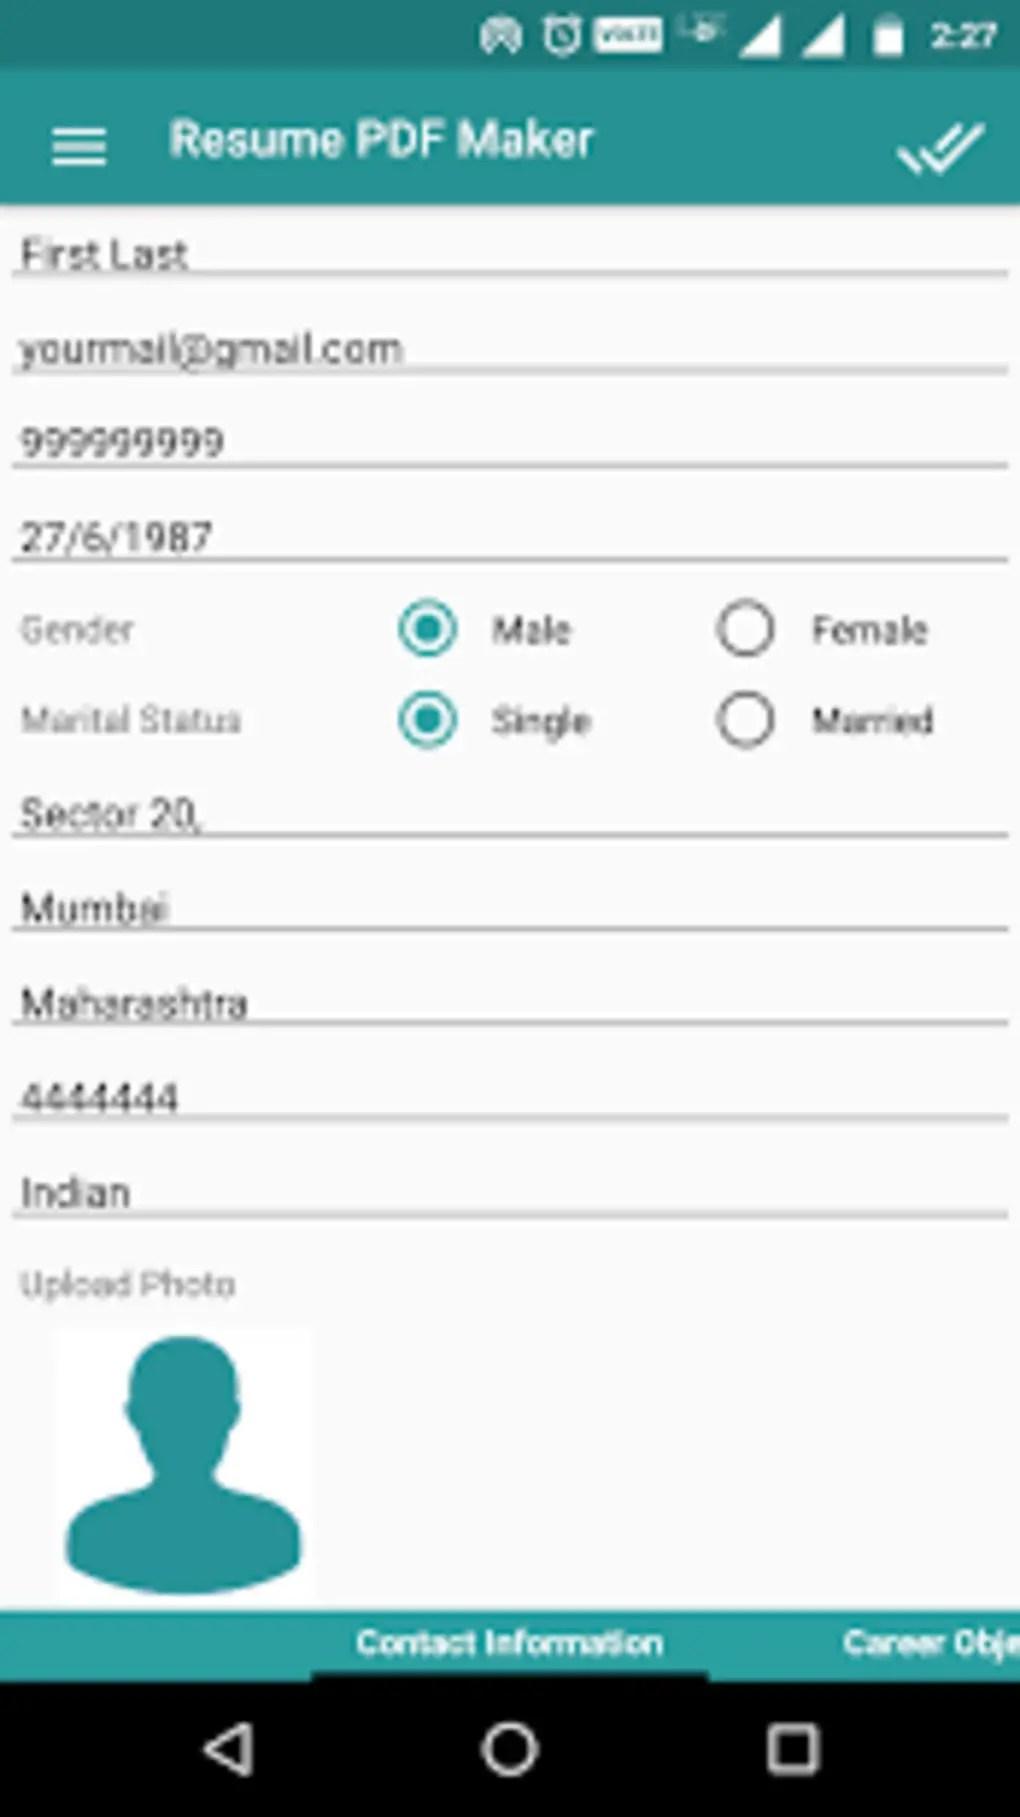 Resume PDF Maker CV Builder For Android Download